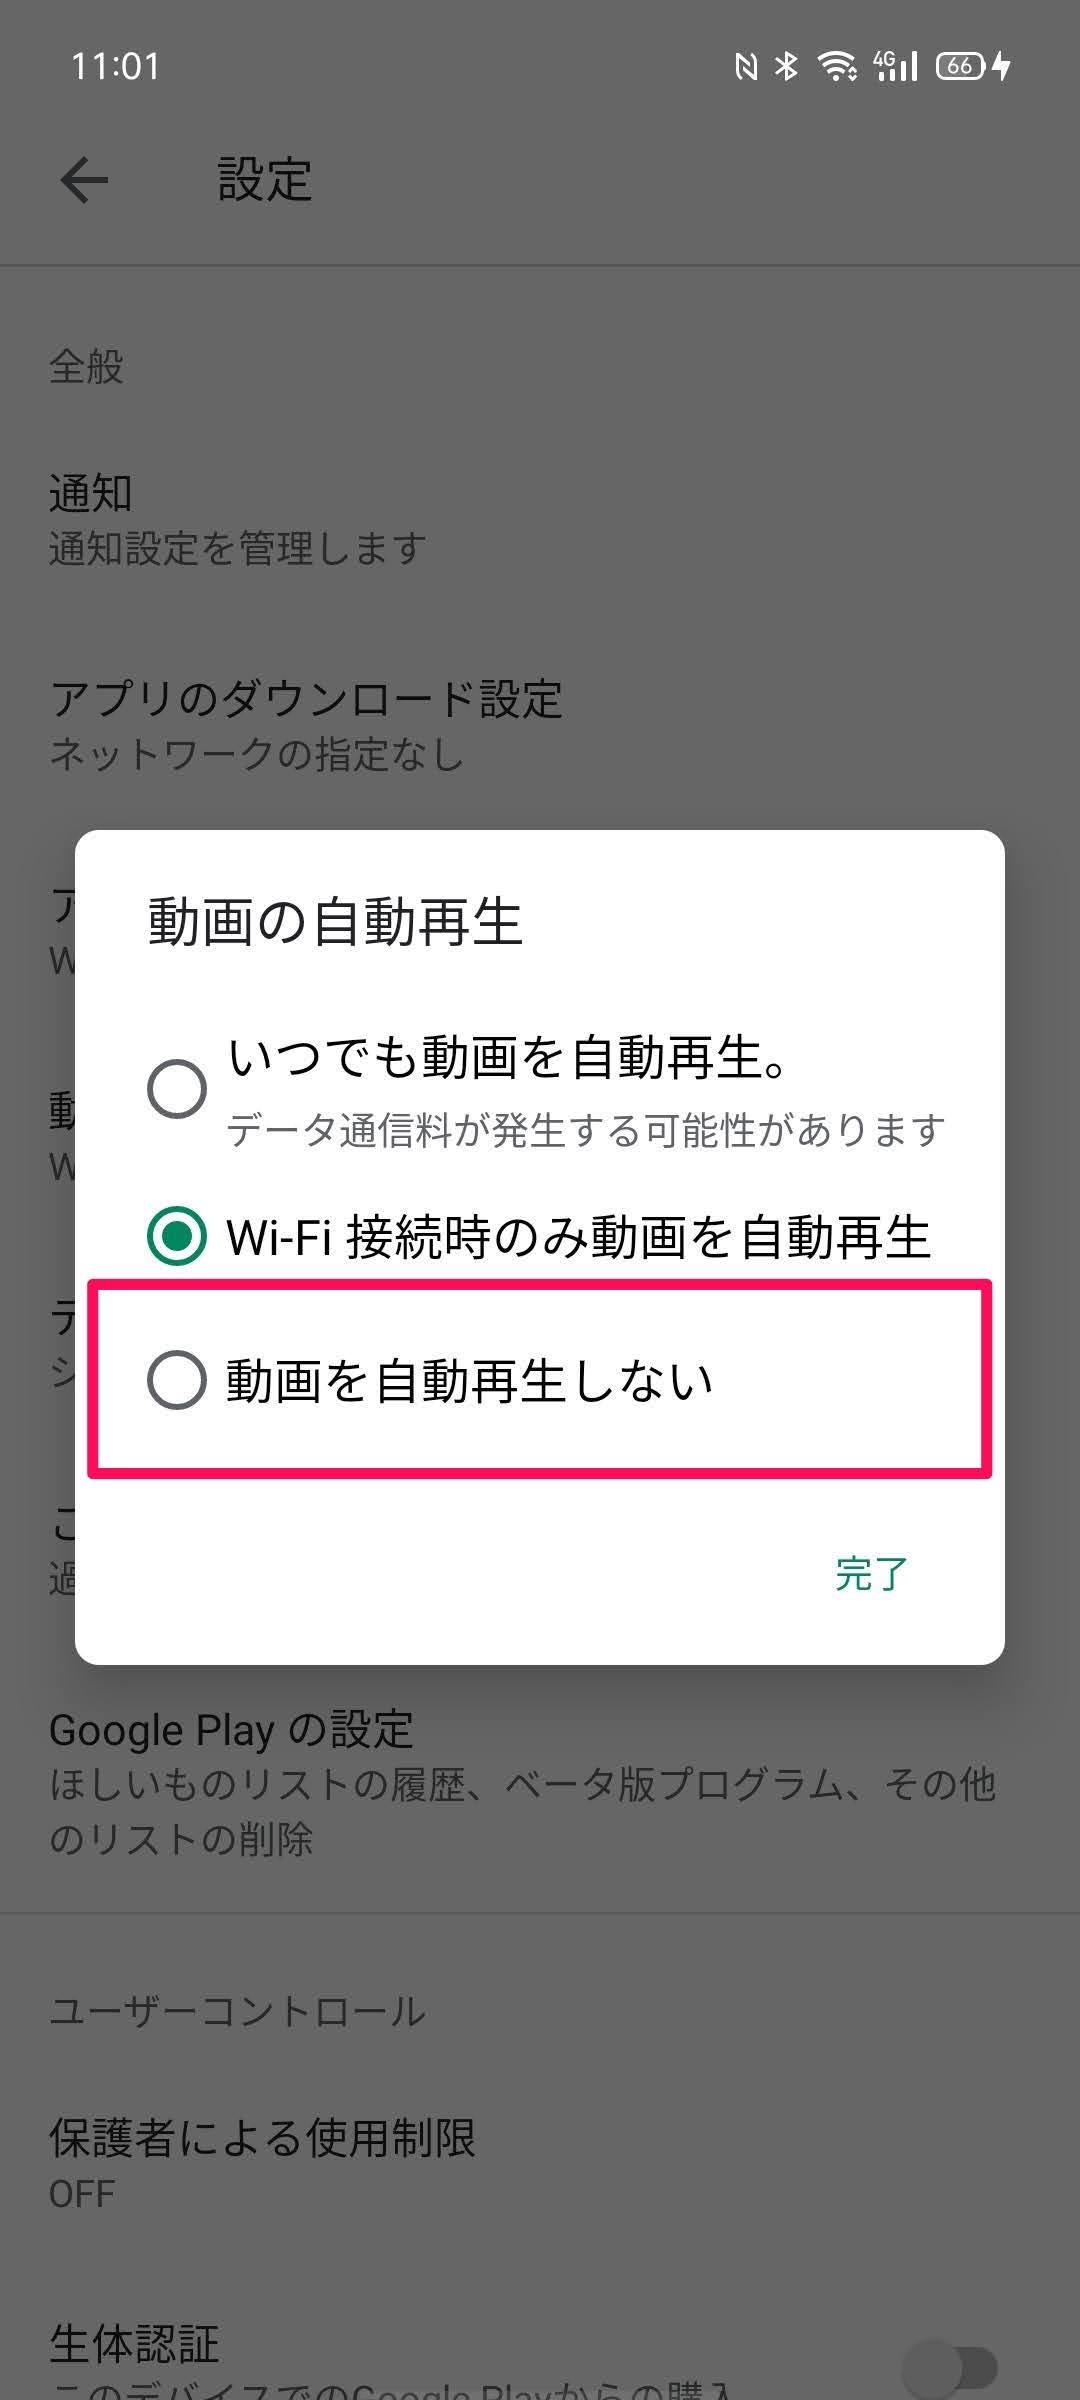 f:id:Azusa_Hirano:20200708115607j:plain